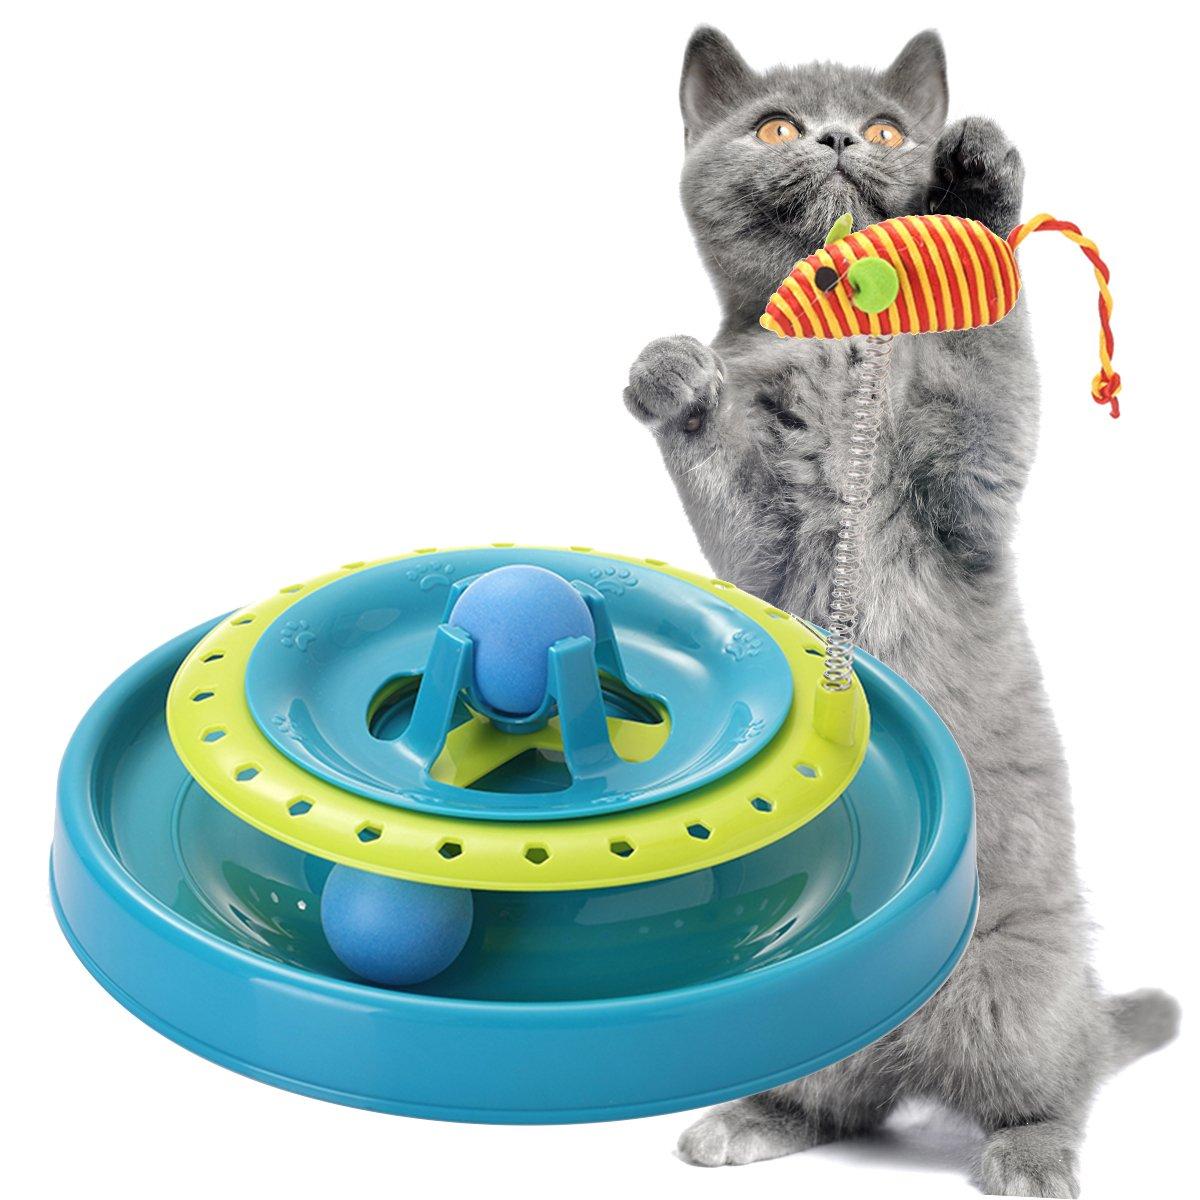 Splink Juguete interactivo para gato con movimiento giratorio de ...